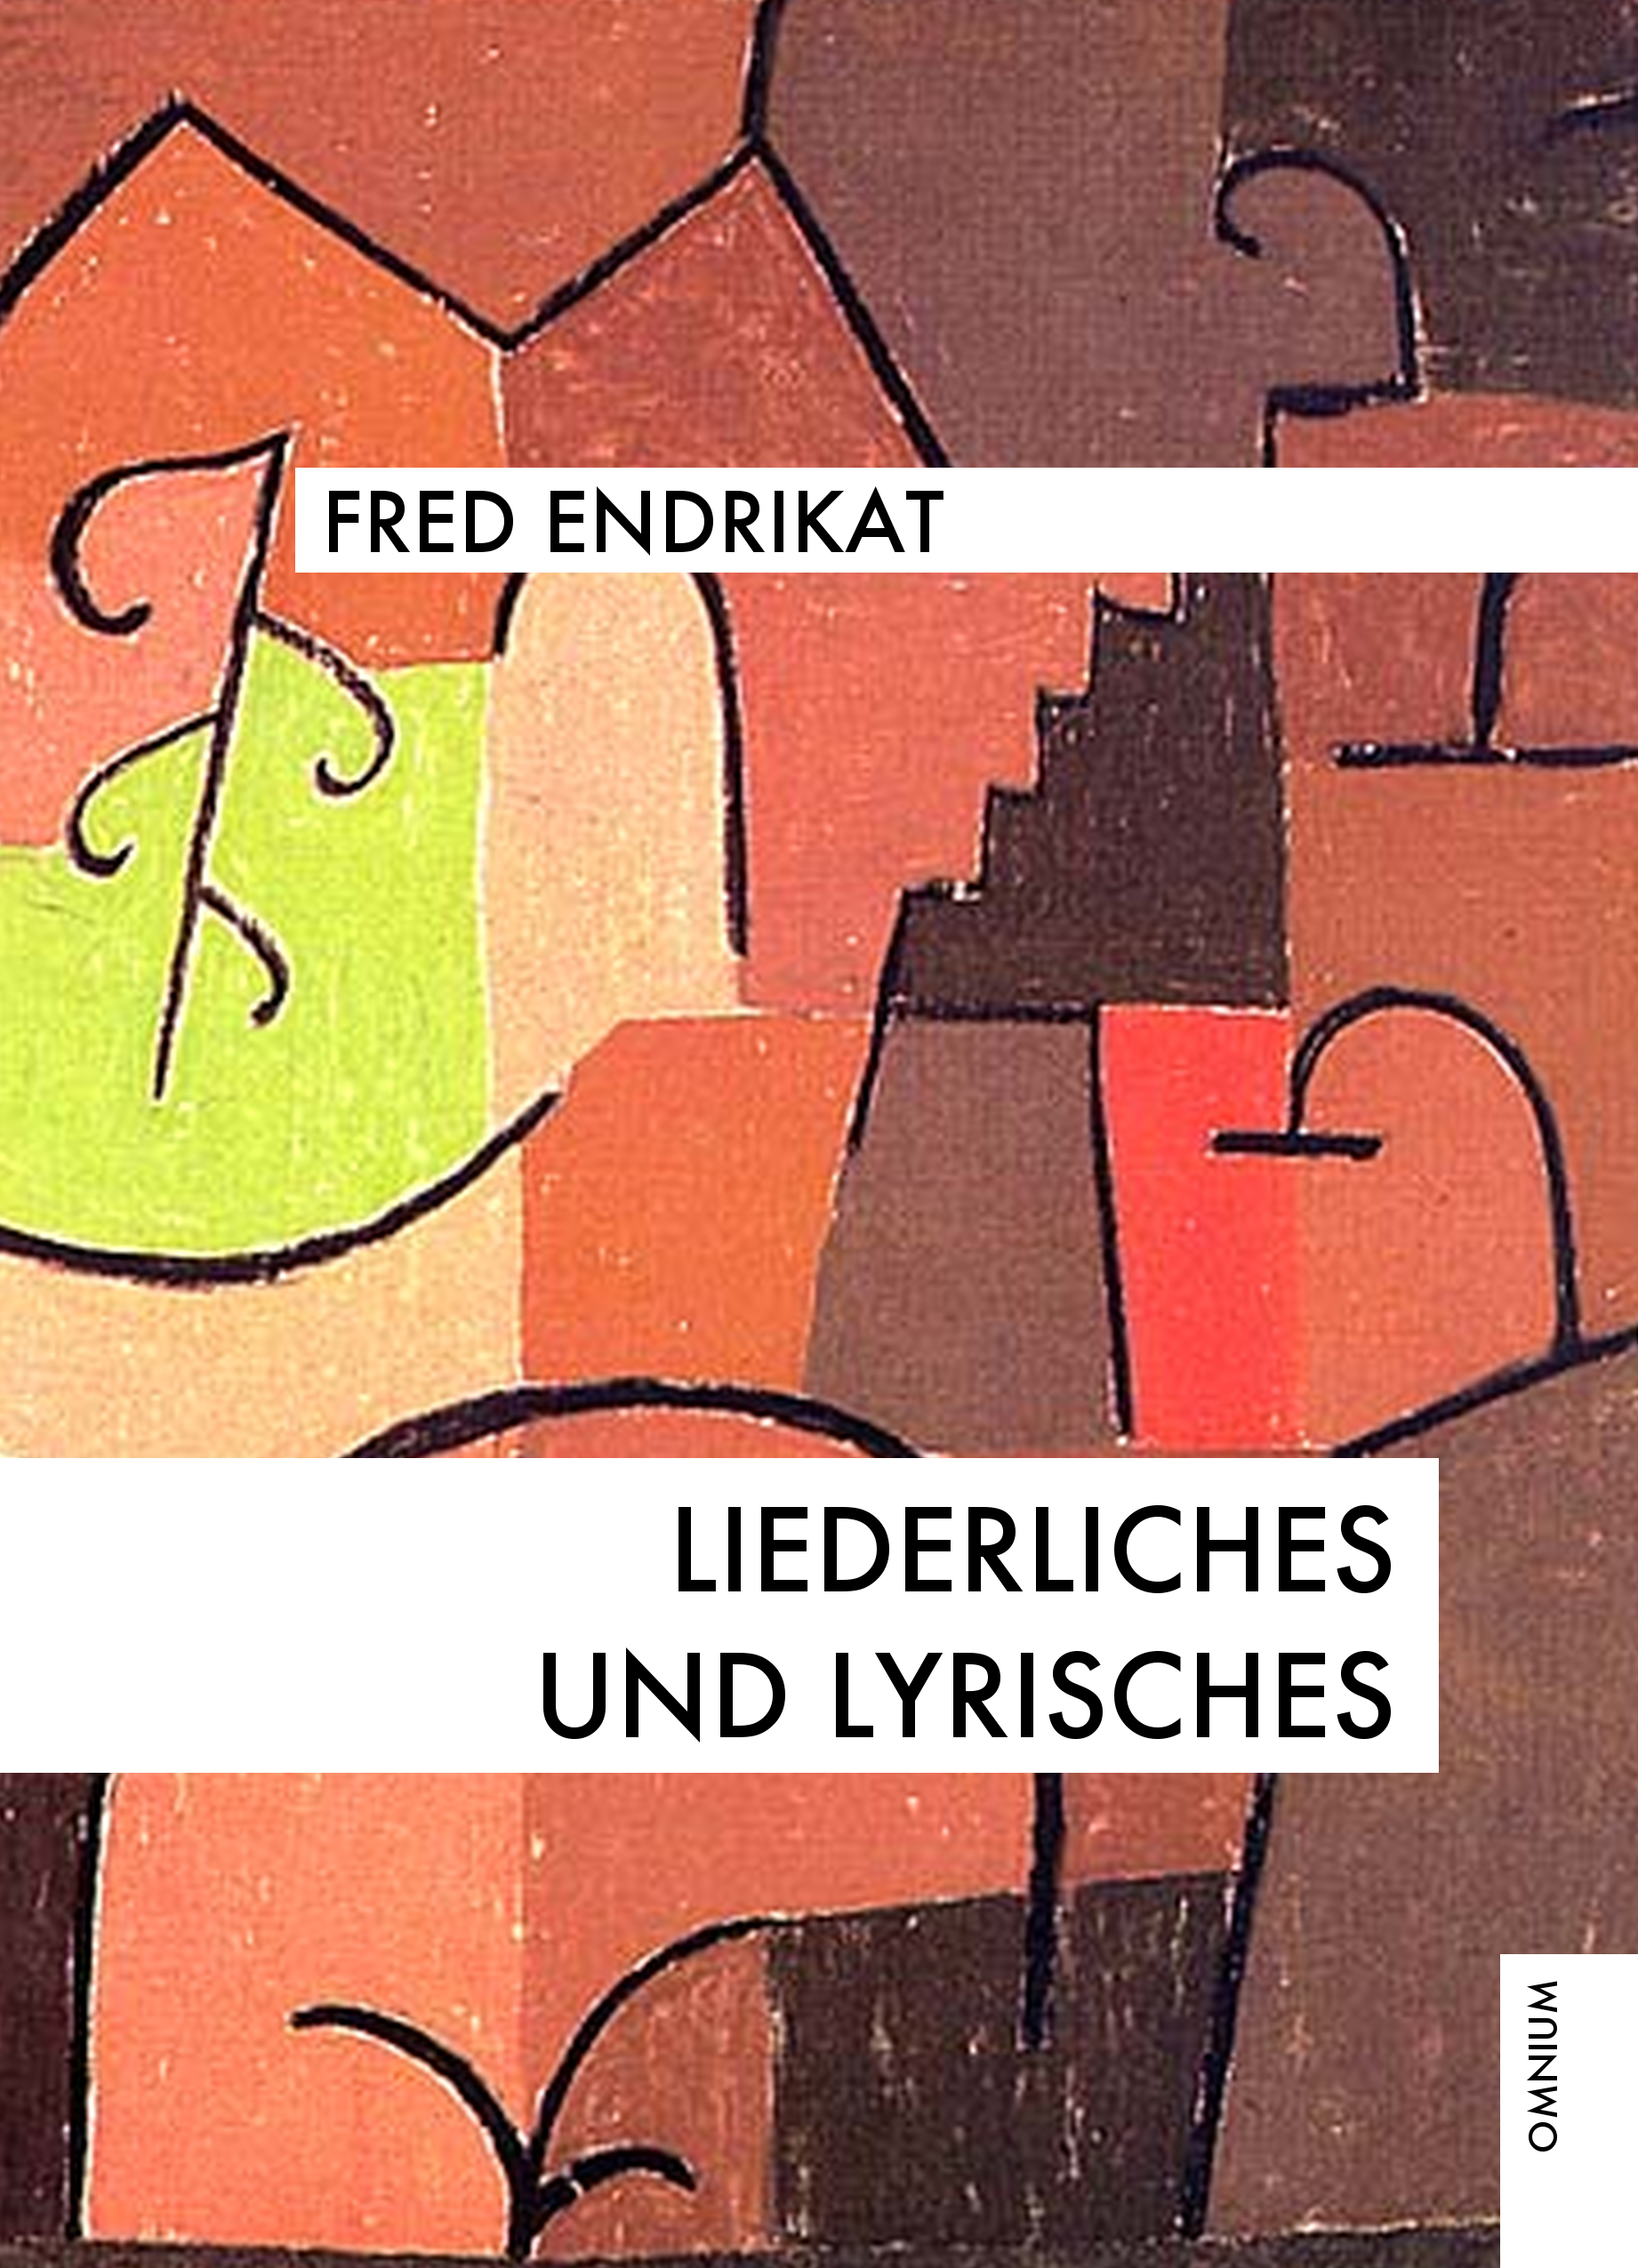 Liederliches und Lyrisches, Fred Endrikat